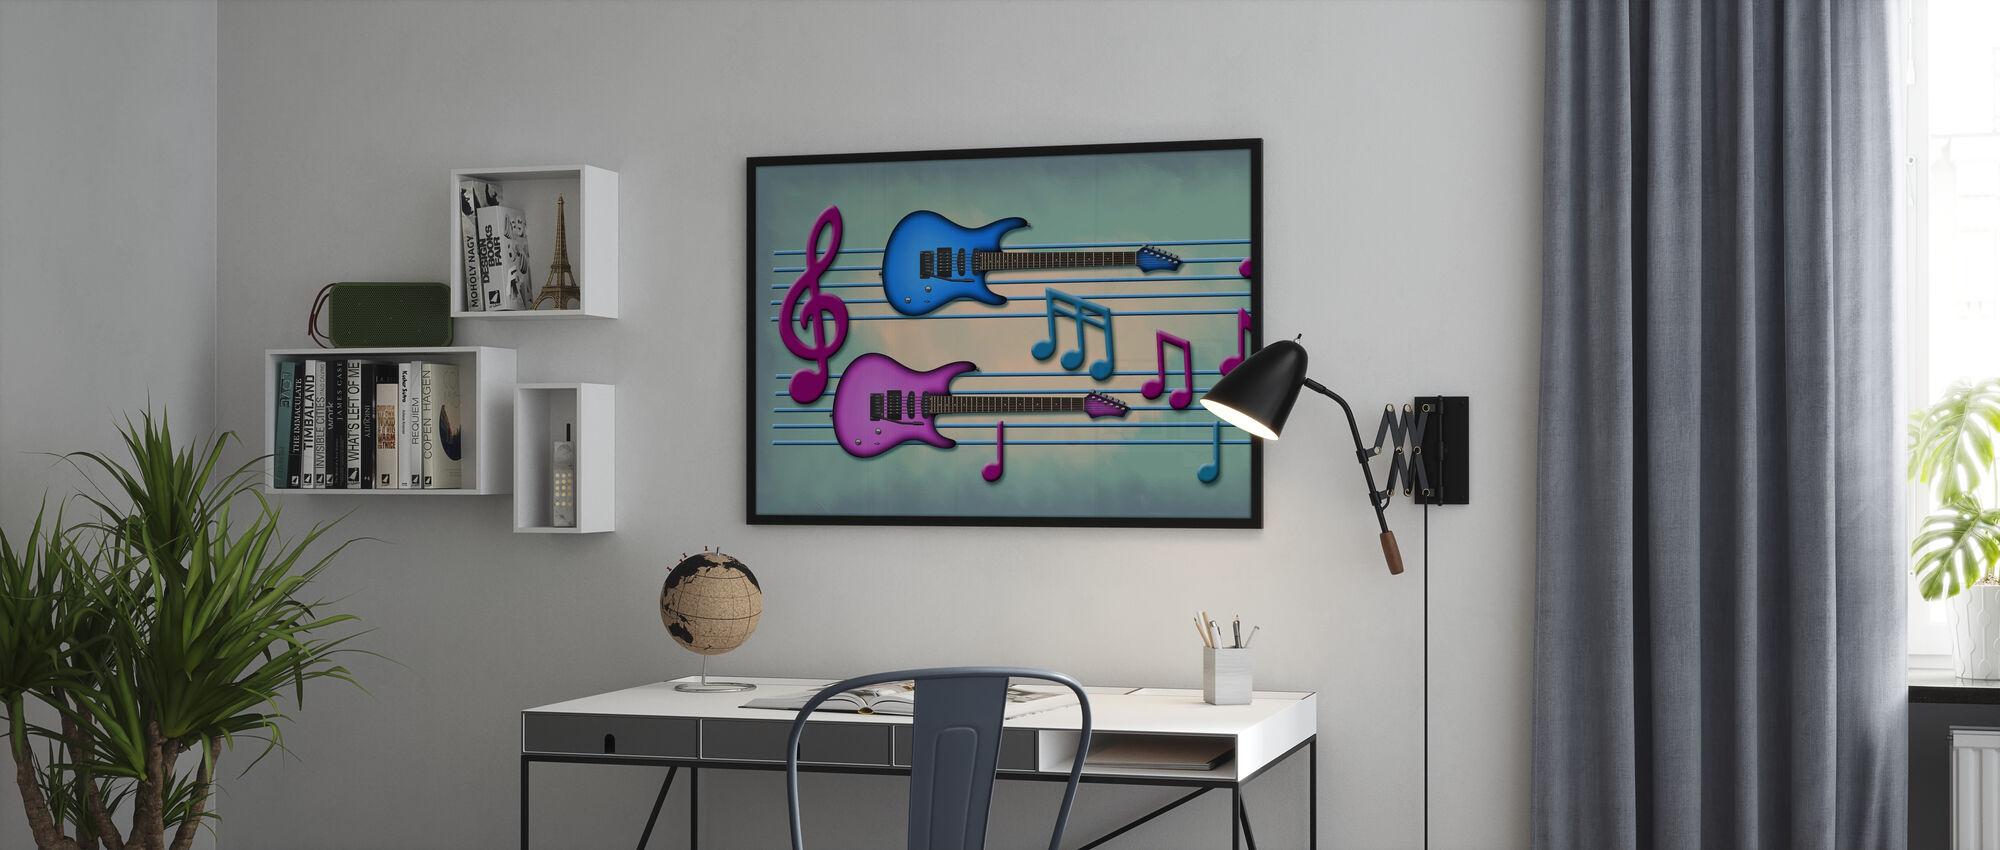 Färger av musik - Poster - Kontor